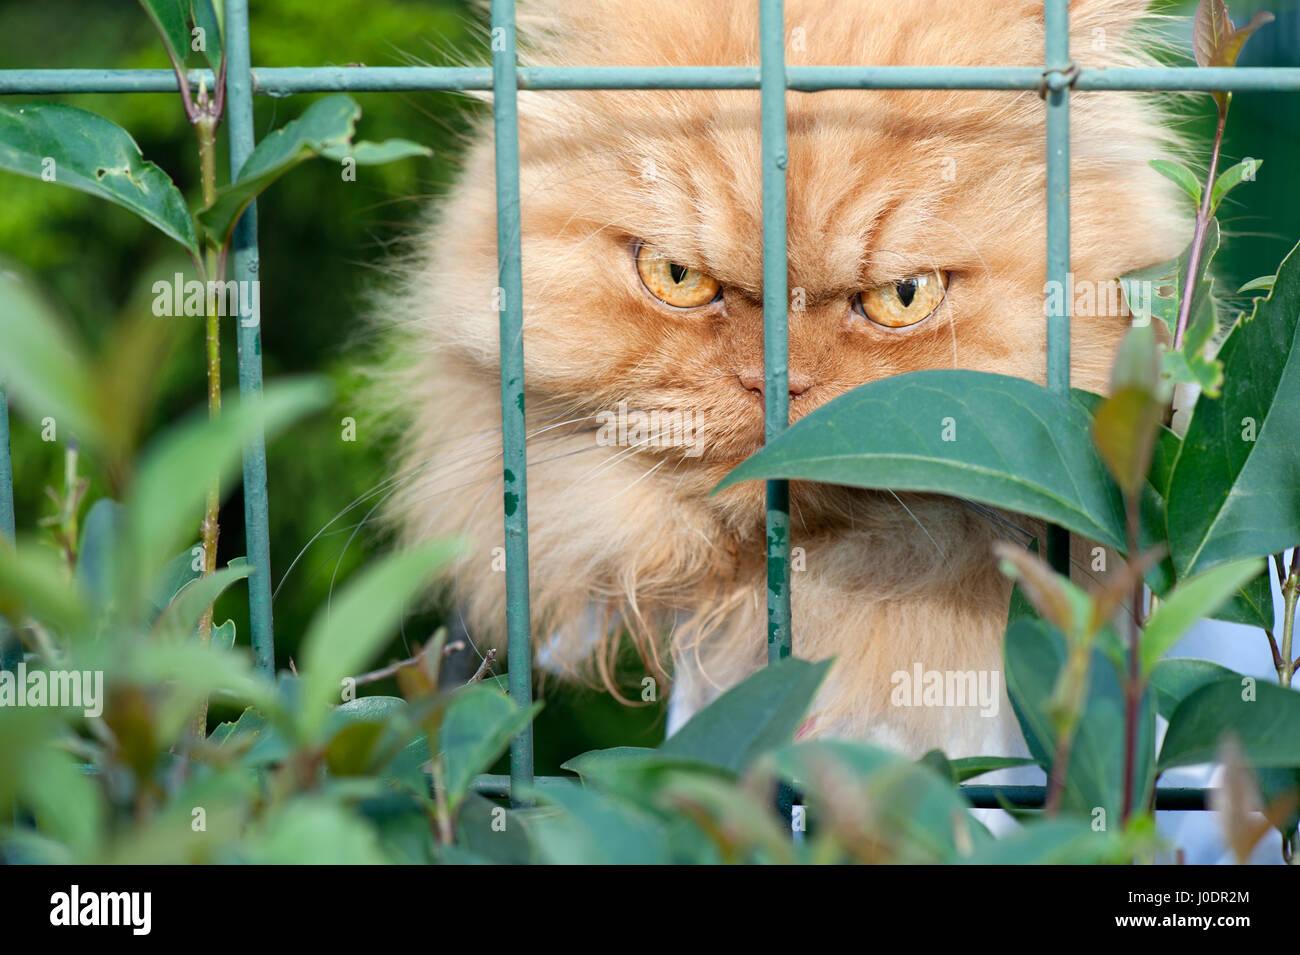 Plan de clôture derrière chat Persan Photo Stock